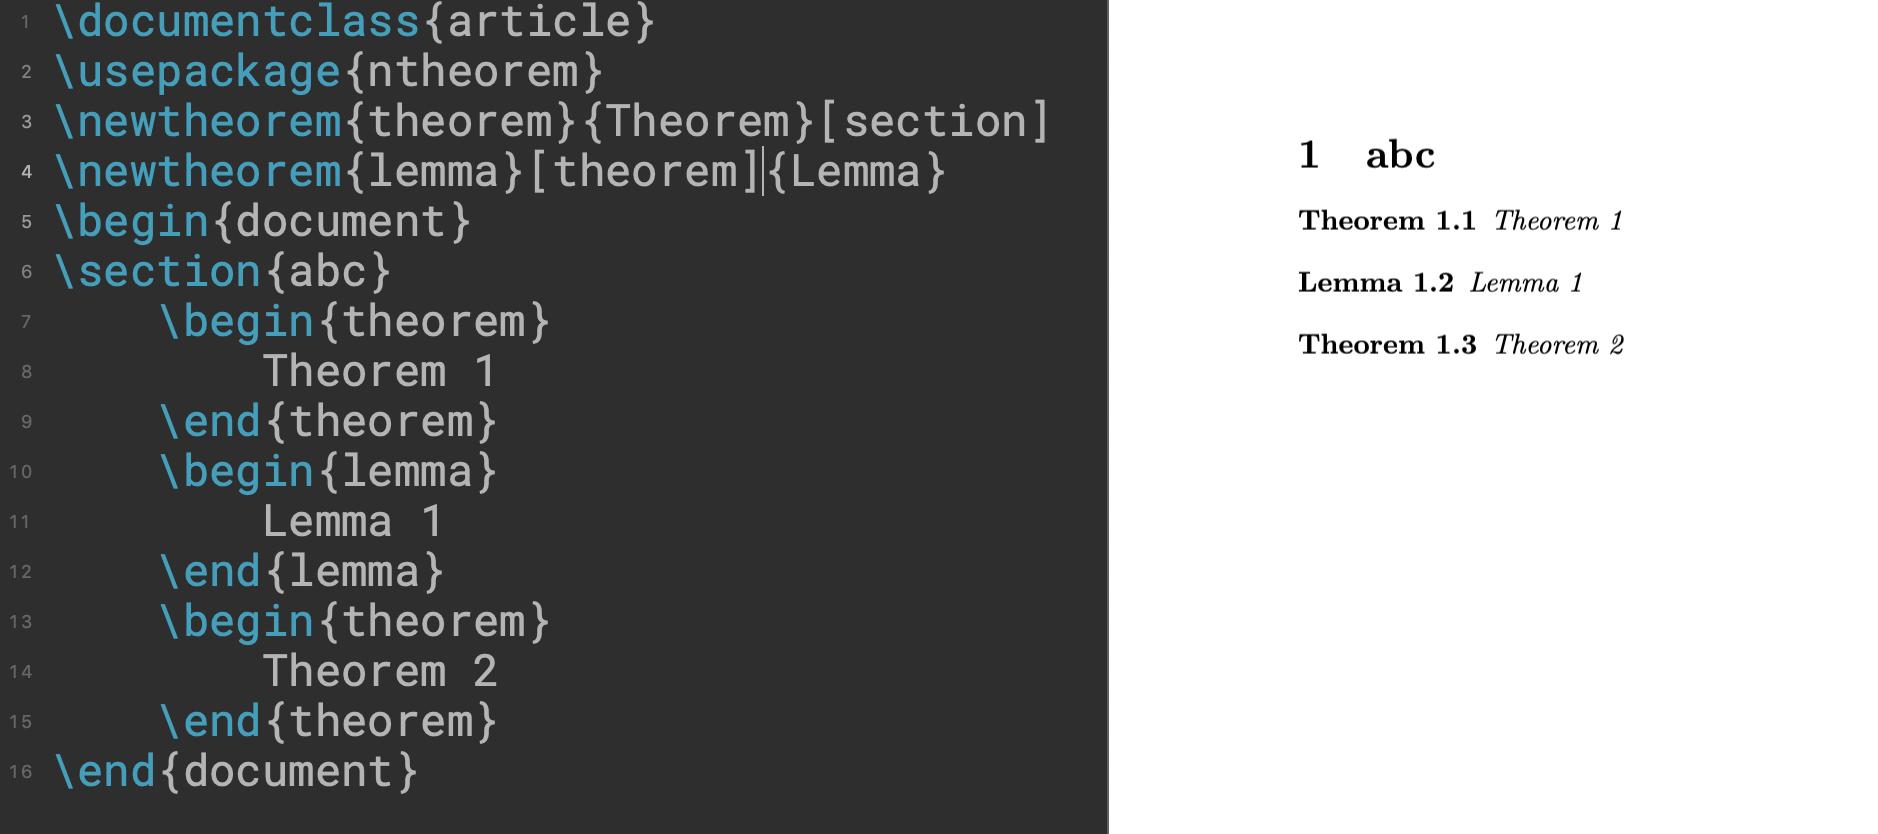 theorem, lemma 統一編號